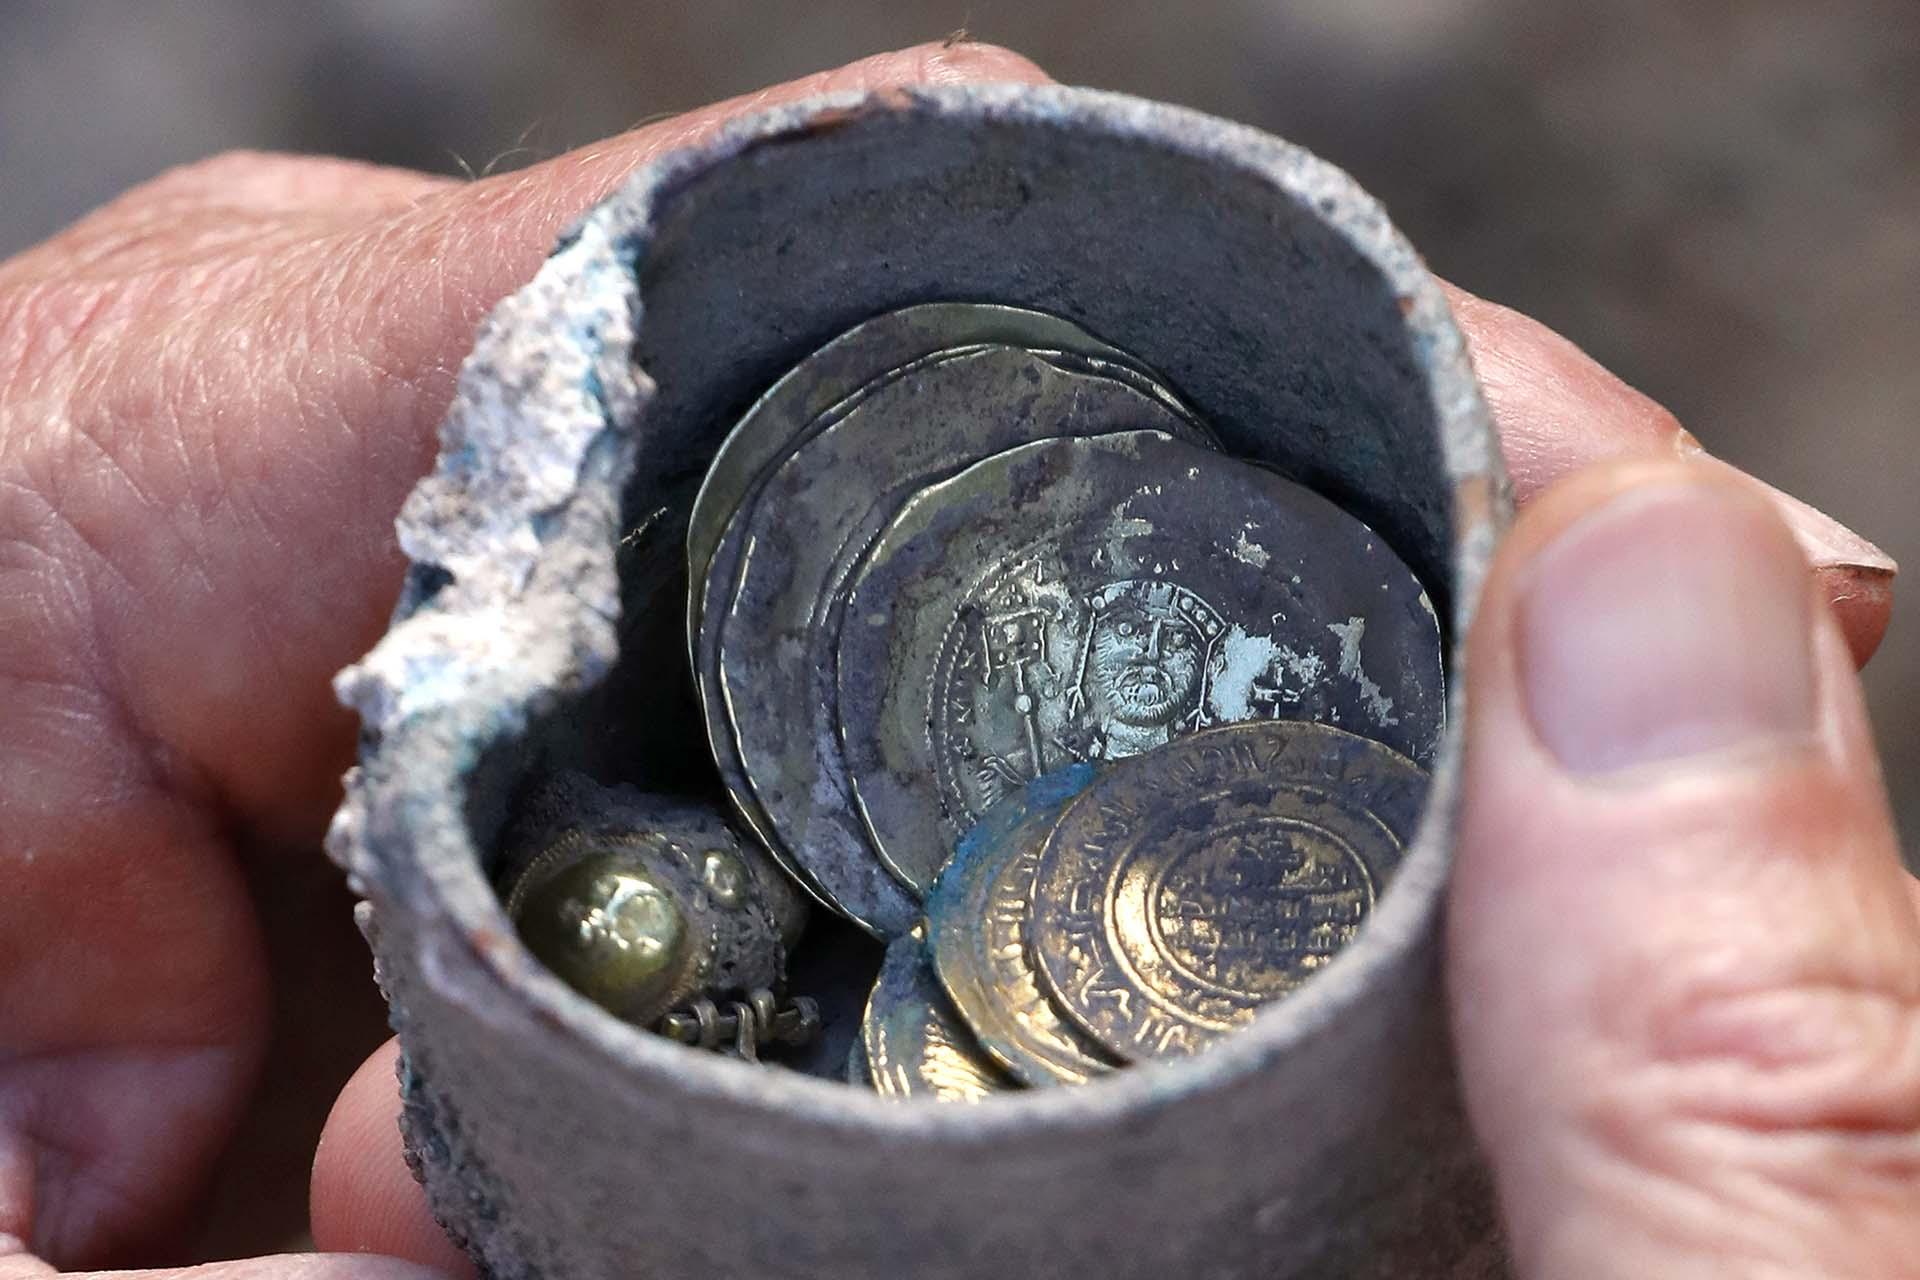 El tesoro, un pequeño cofre de bronce que contiene 24 monedas de oro y un pendiente del mismo metal precioso, fue desenterrado hace pocos días en el Parque Nacional de Cesárea, extraído de entre dos piedras al lado de un pozo situado en una casa de un vecindario de hace casi un milenio, informó un comunicado